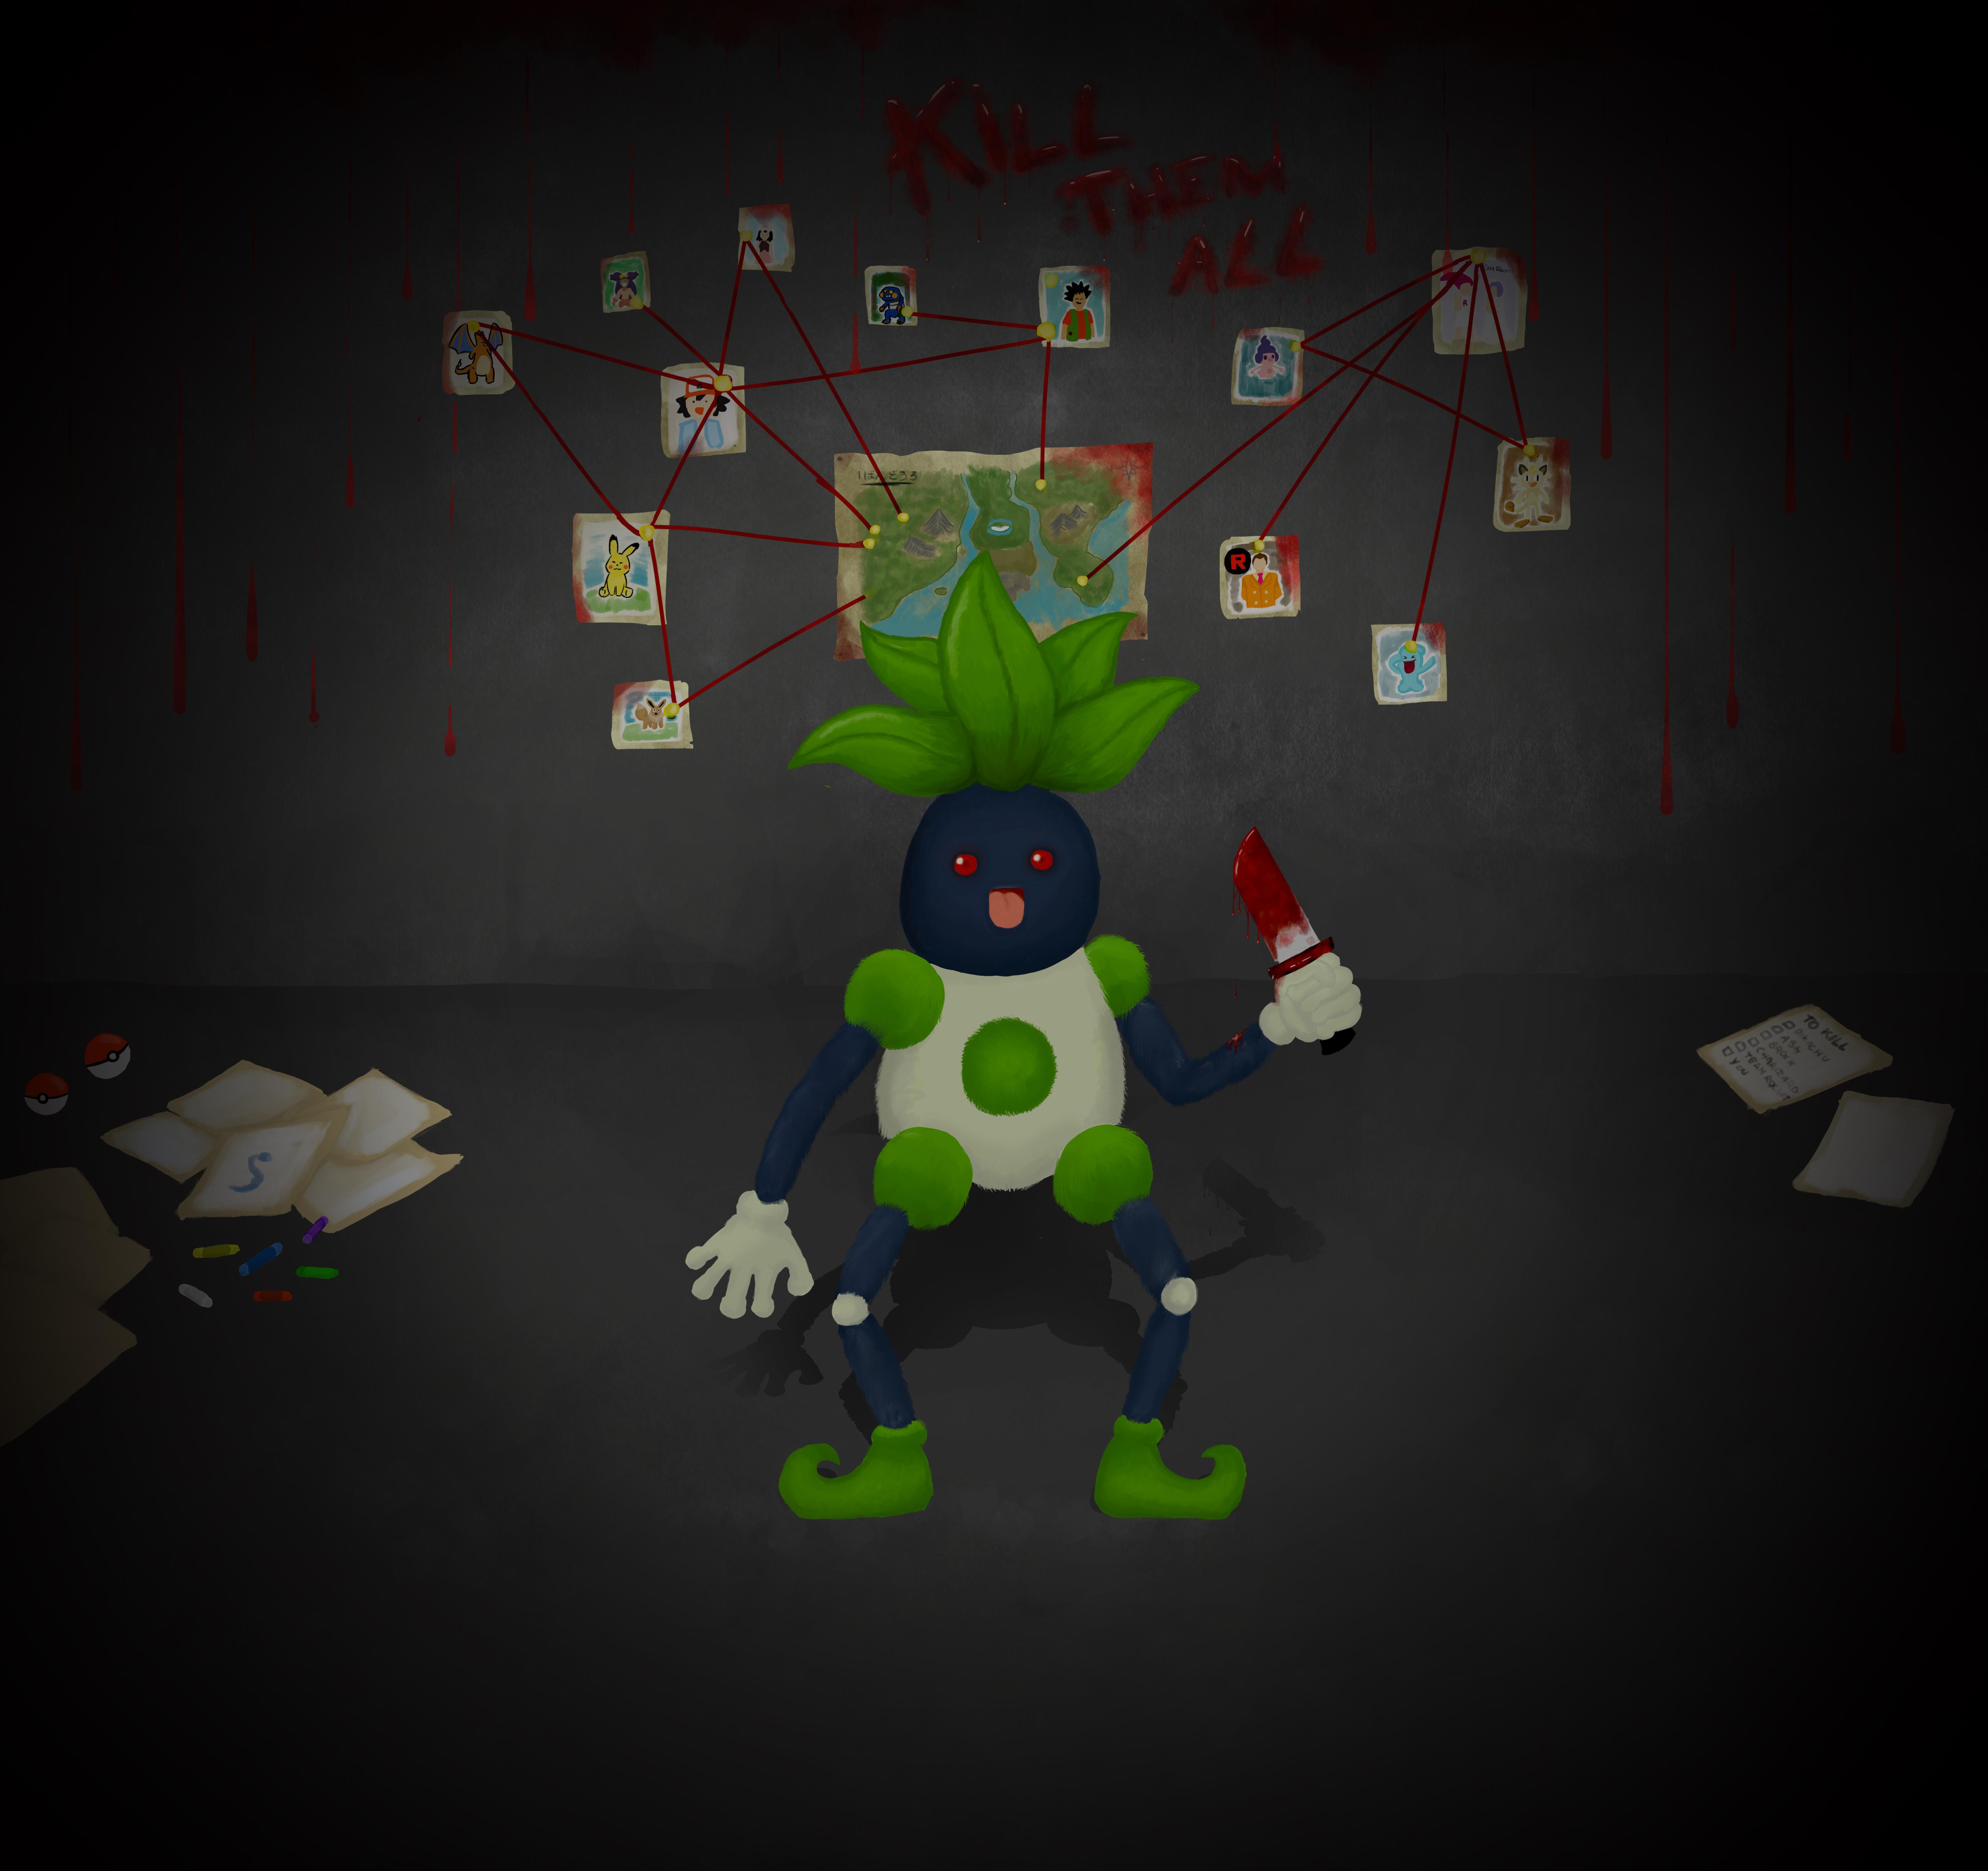 Mr. Mime + Oddish = Mr. Odd